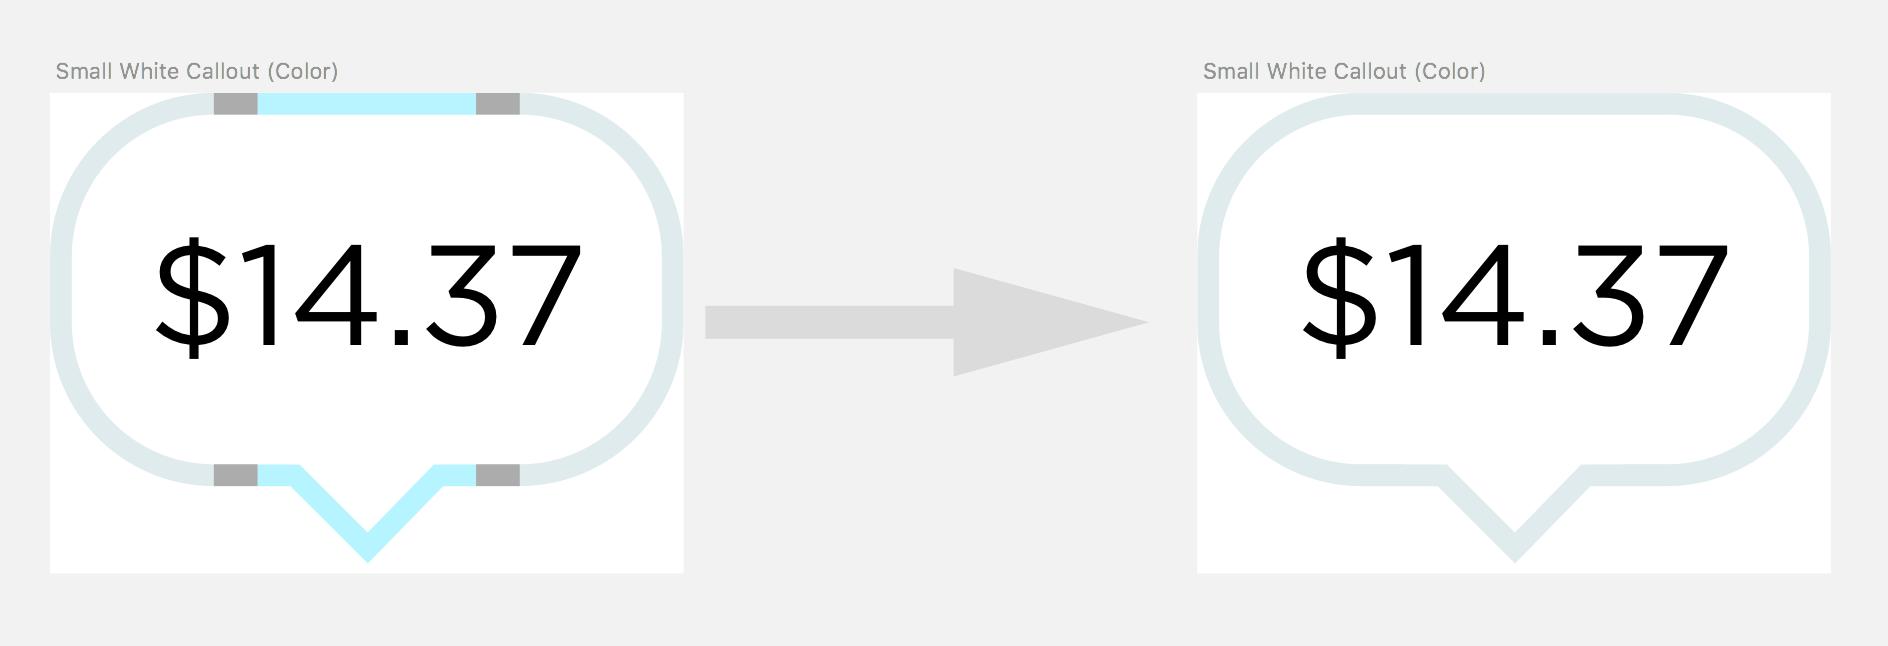 Tip-callout-design-elements-Sketch-vectors